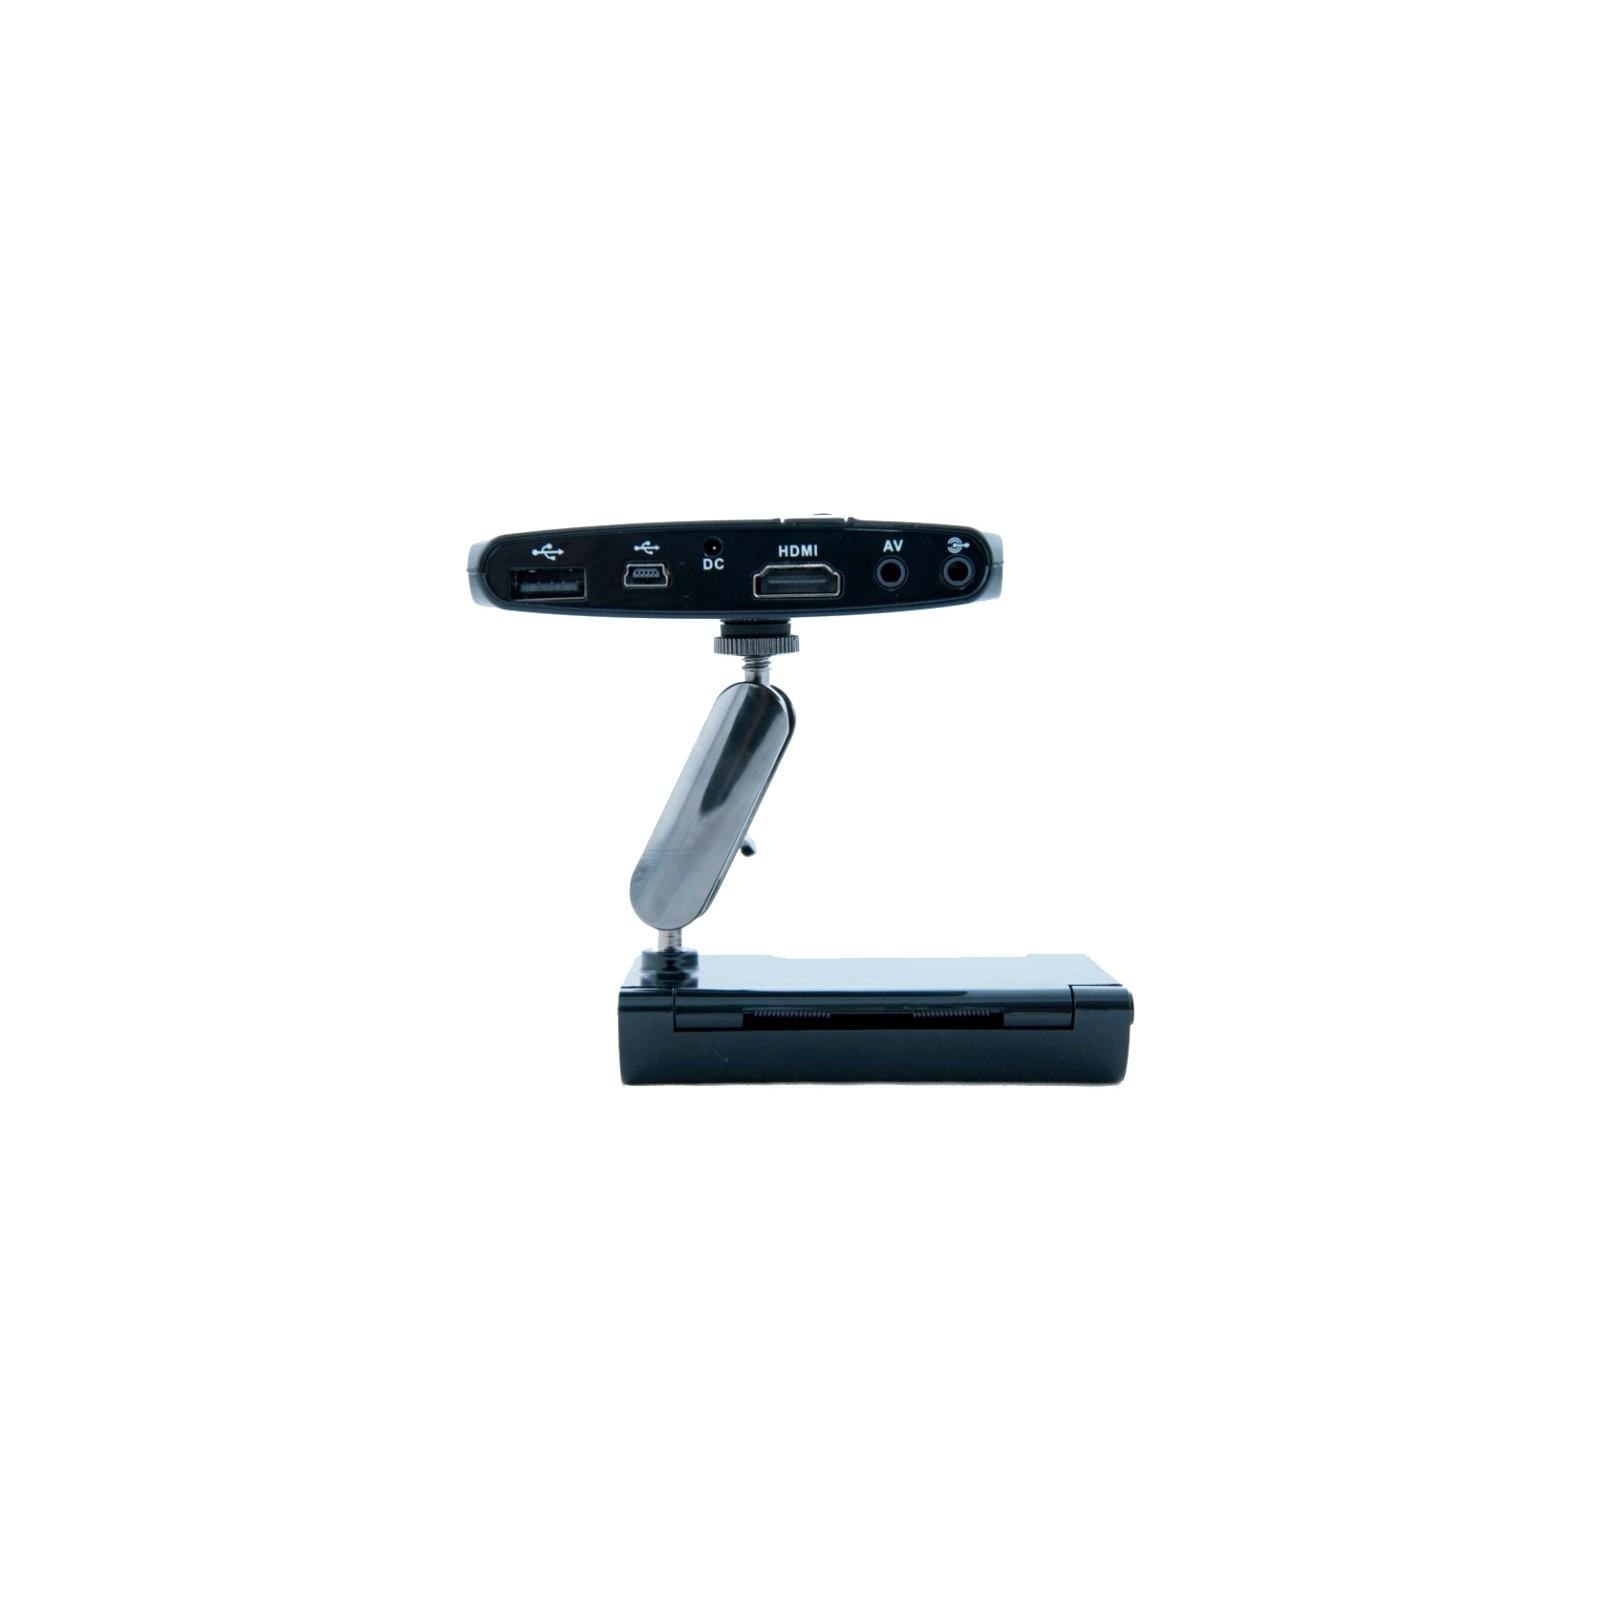 Медиаплеер Alfacore Smart TV A20 изображение 2